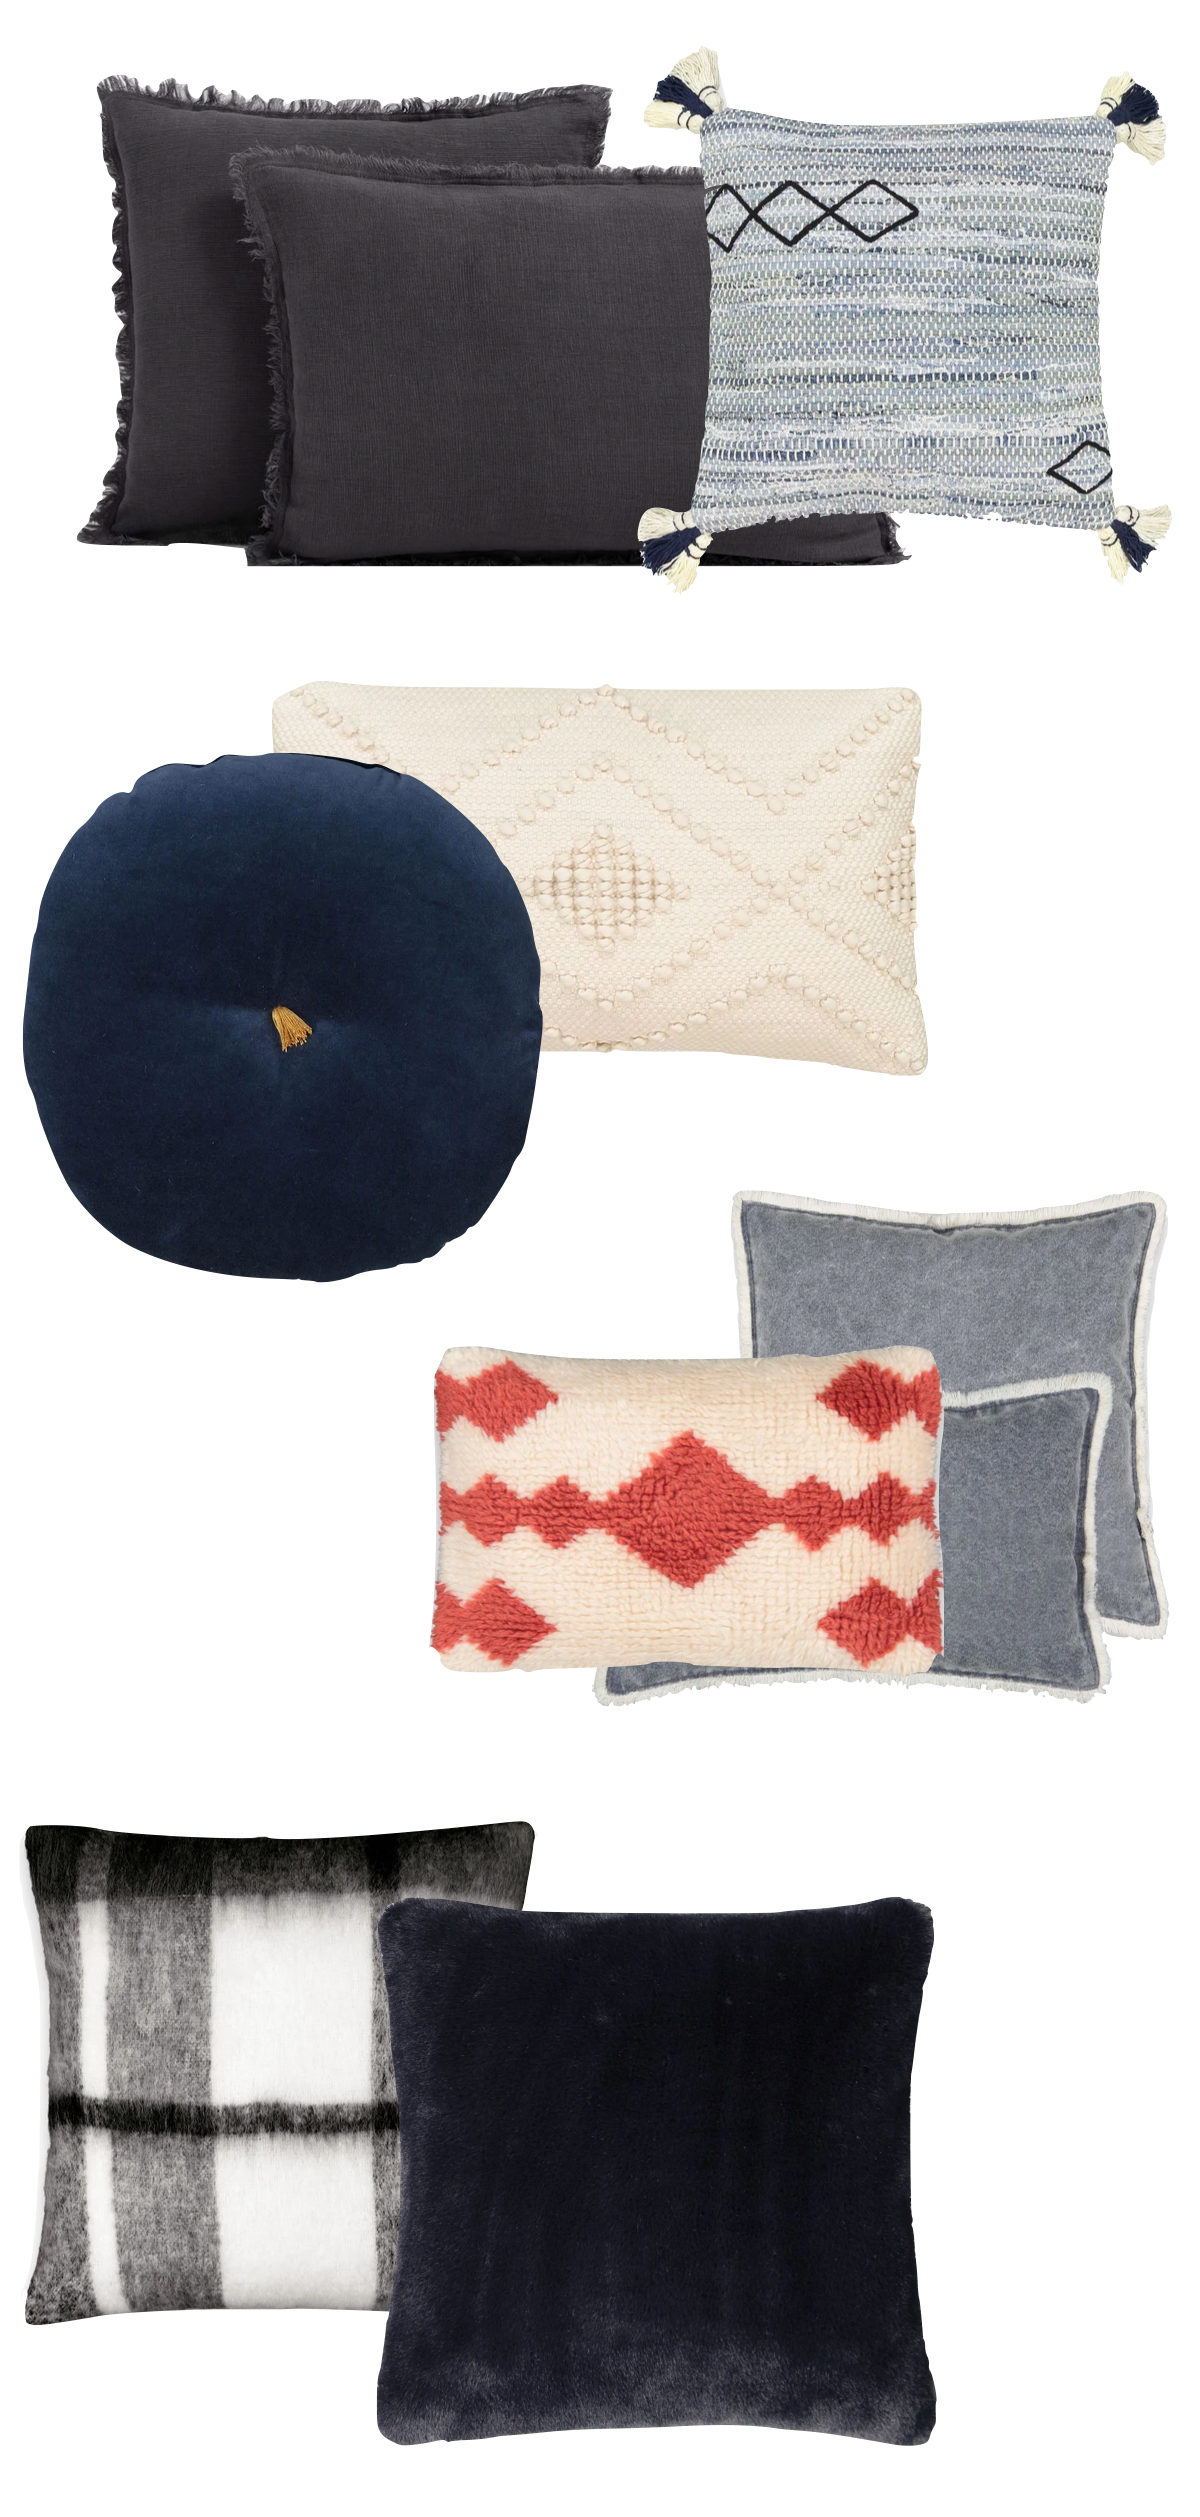 comment choisir ses coussins d'intérieur assortiment harmonie mélange matière velours tissu laine - blog déco - clem around the corner